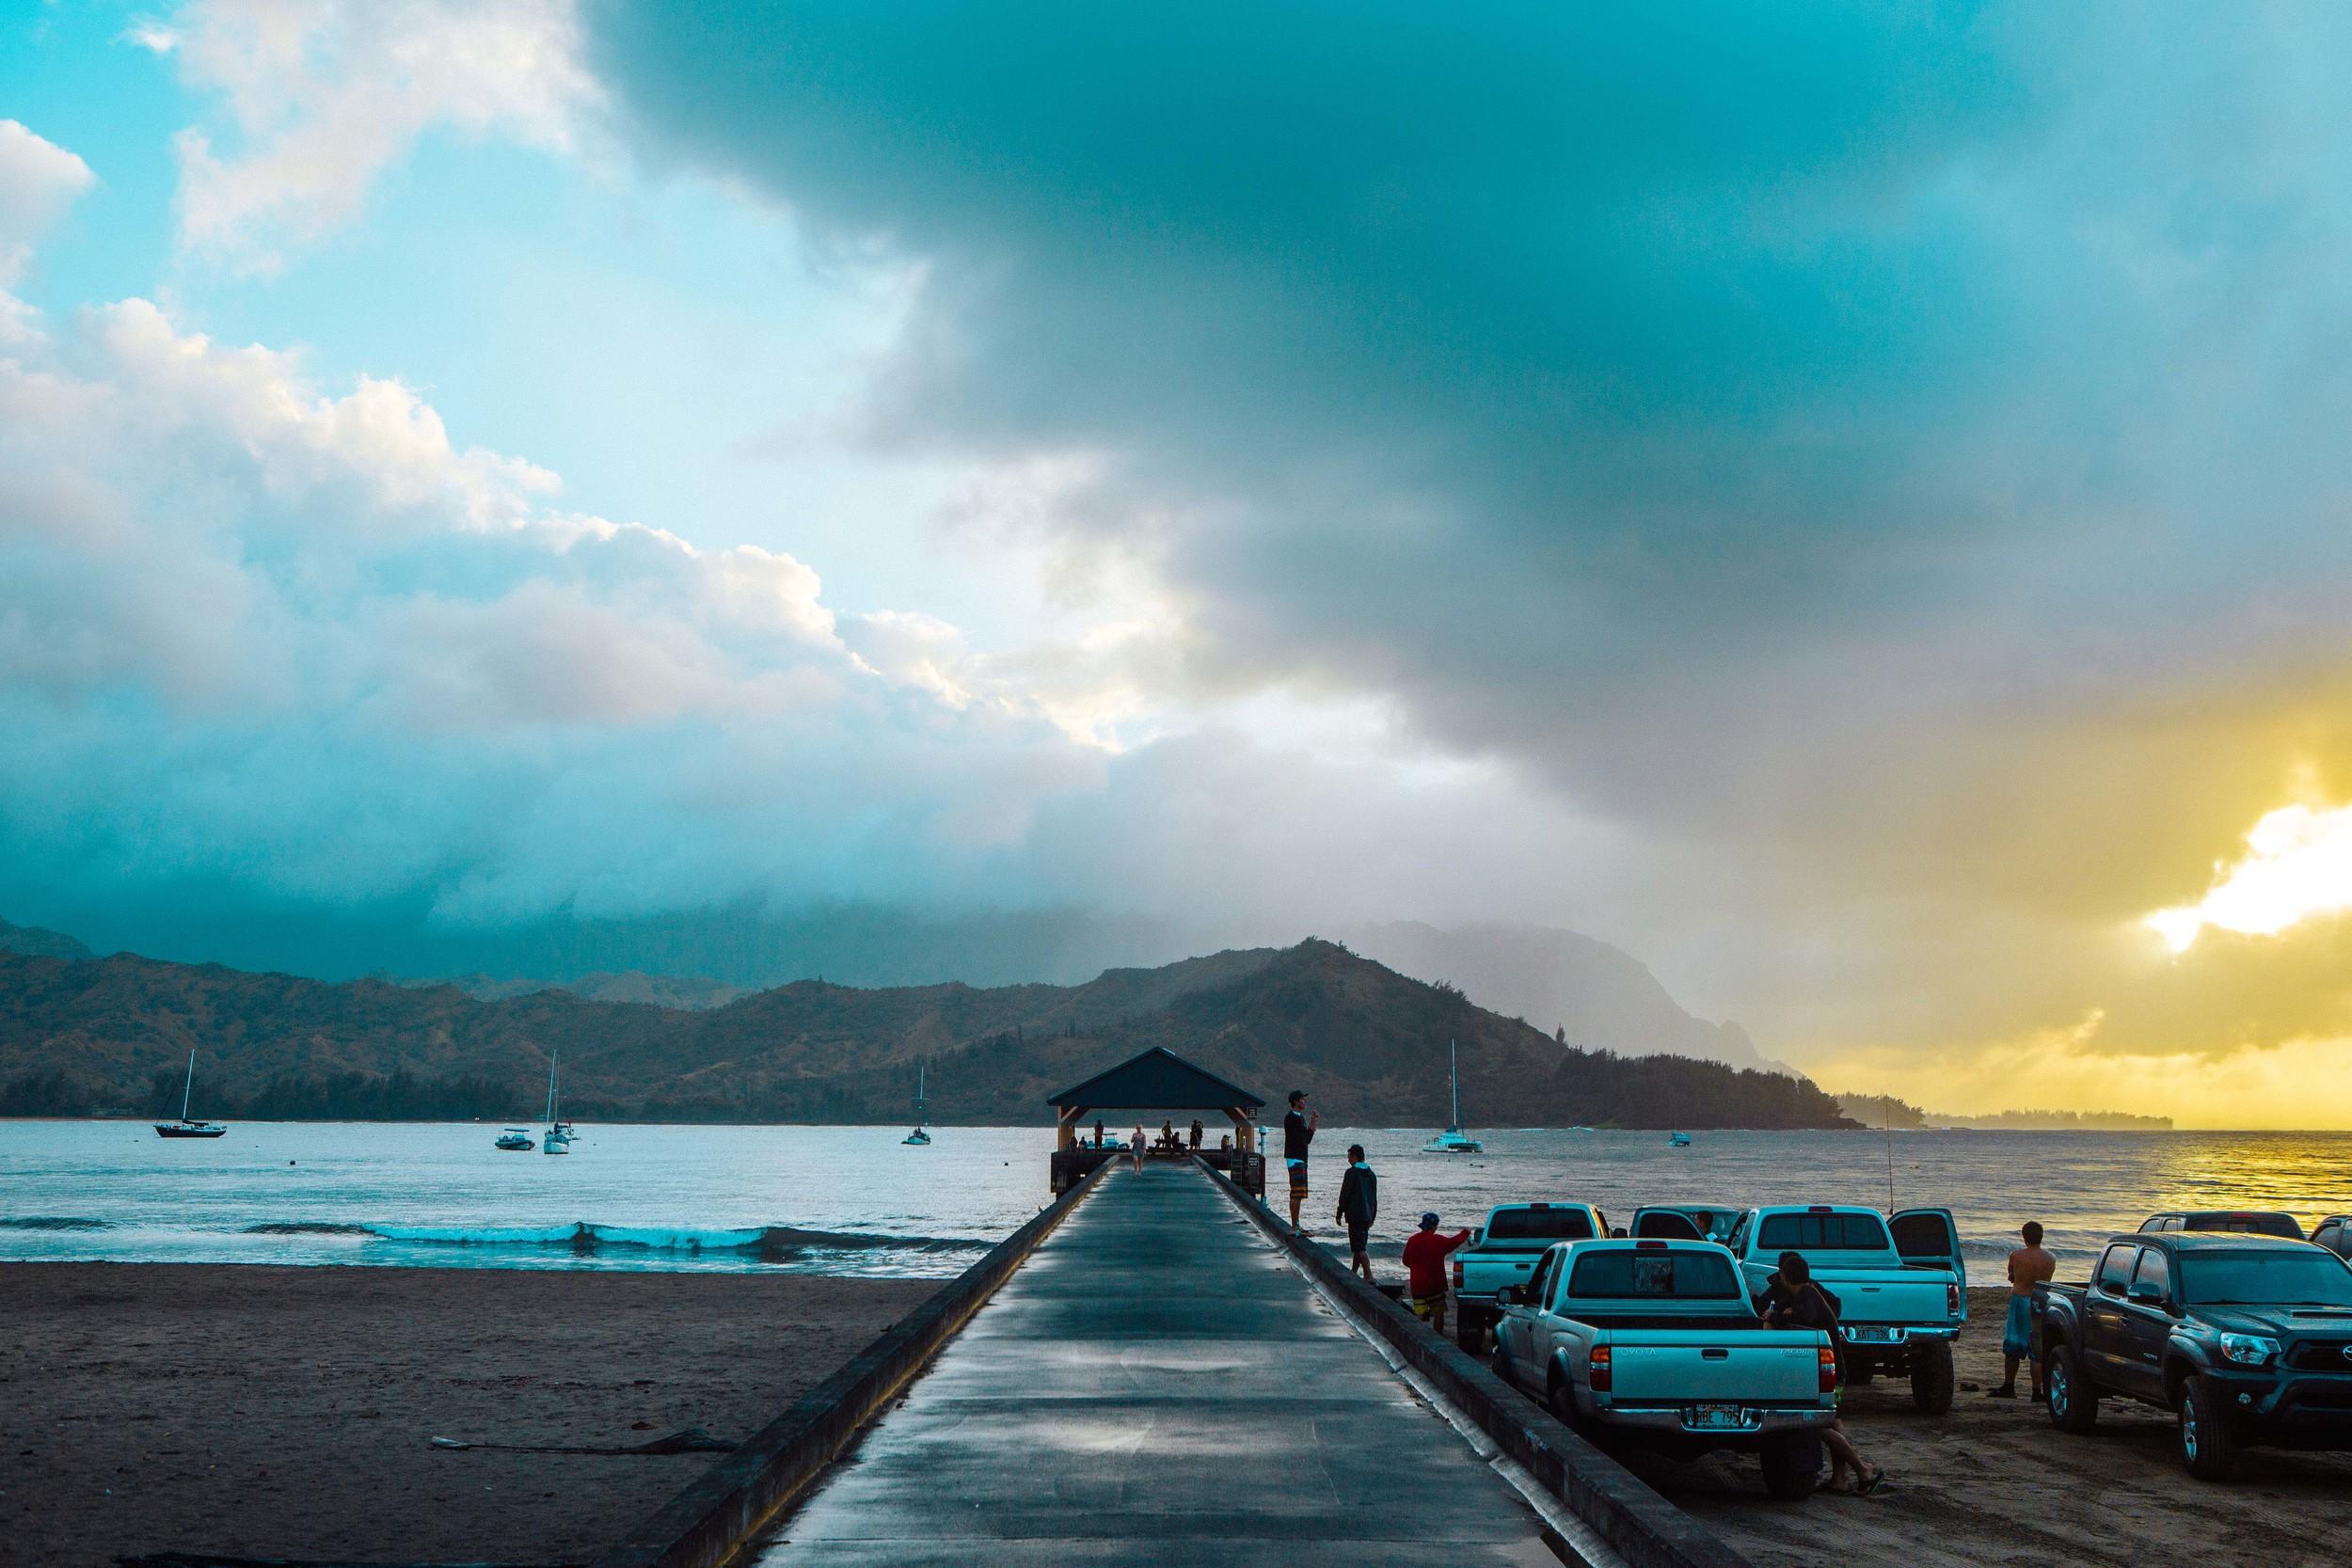 kauai_day4-224-2.jpg